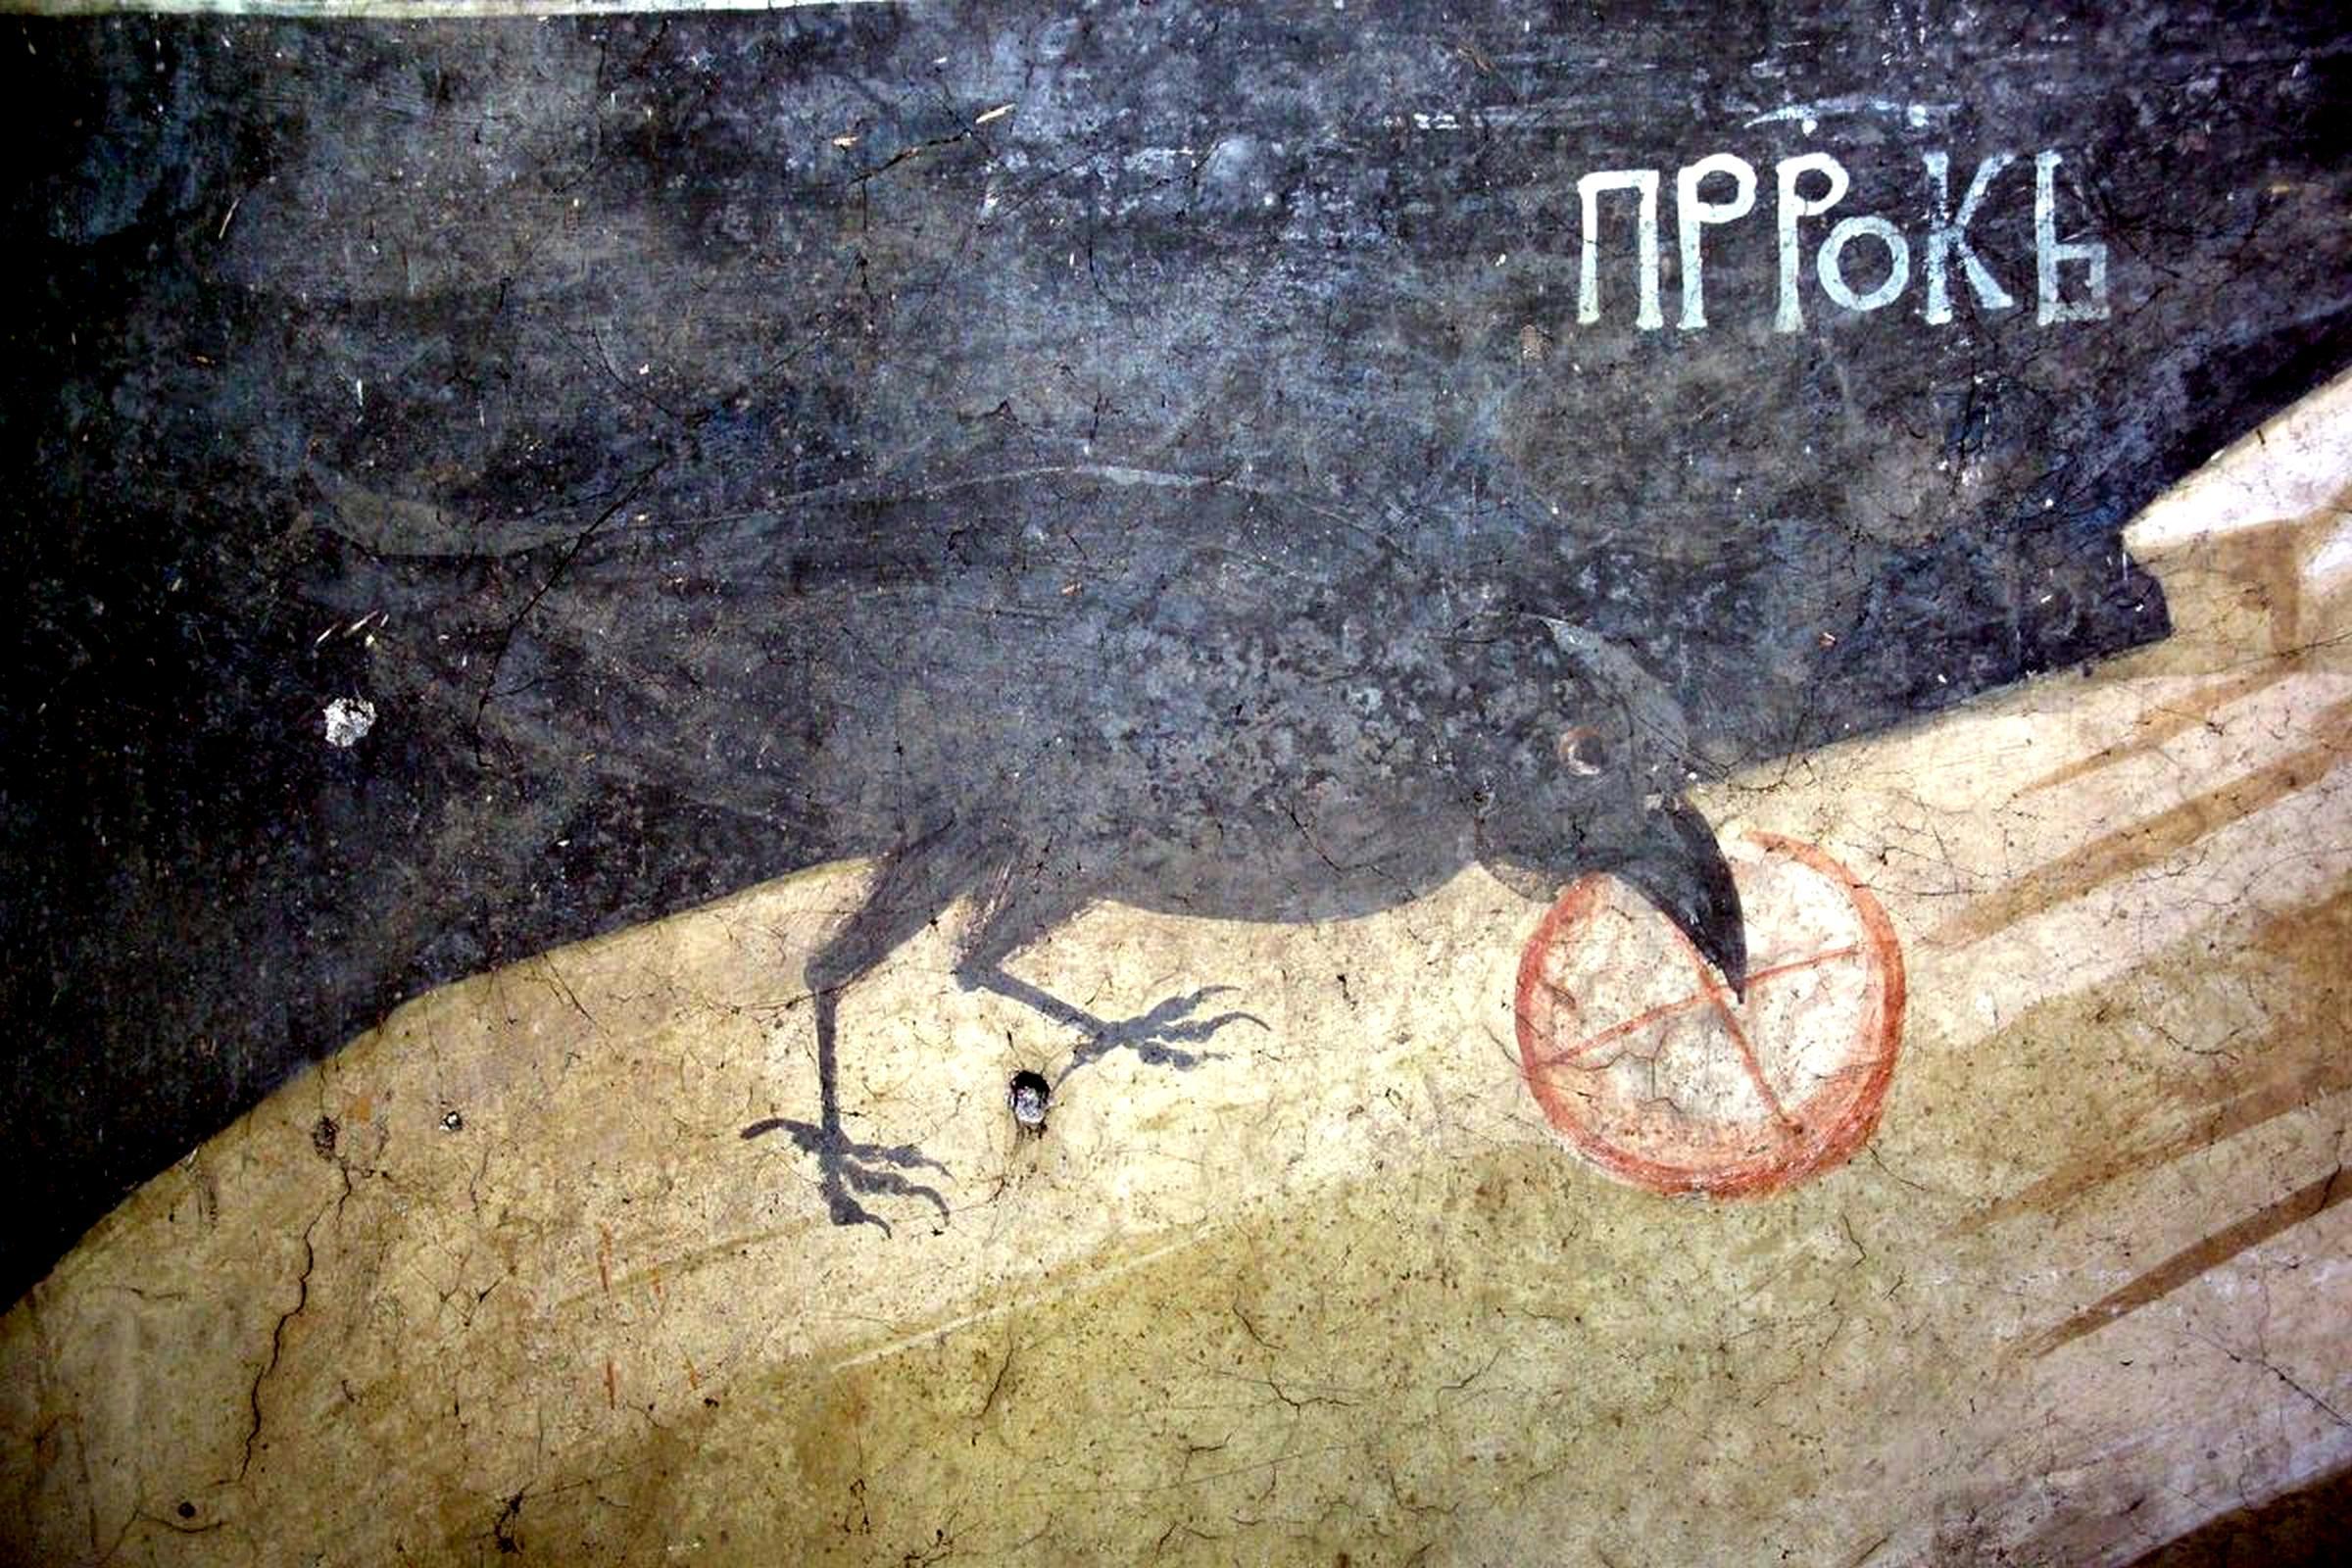 Святой Пророк Илия в пустыне. Фреска монастыря Грачаница, Косово, Сербия. Около 1320 года. Фрагмент - ворон.